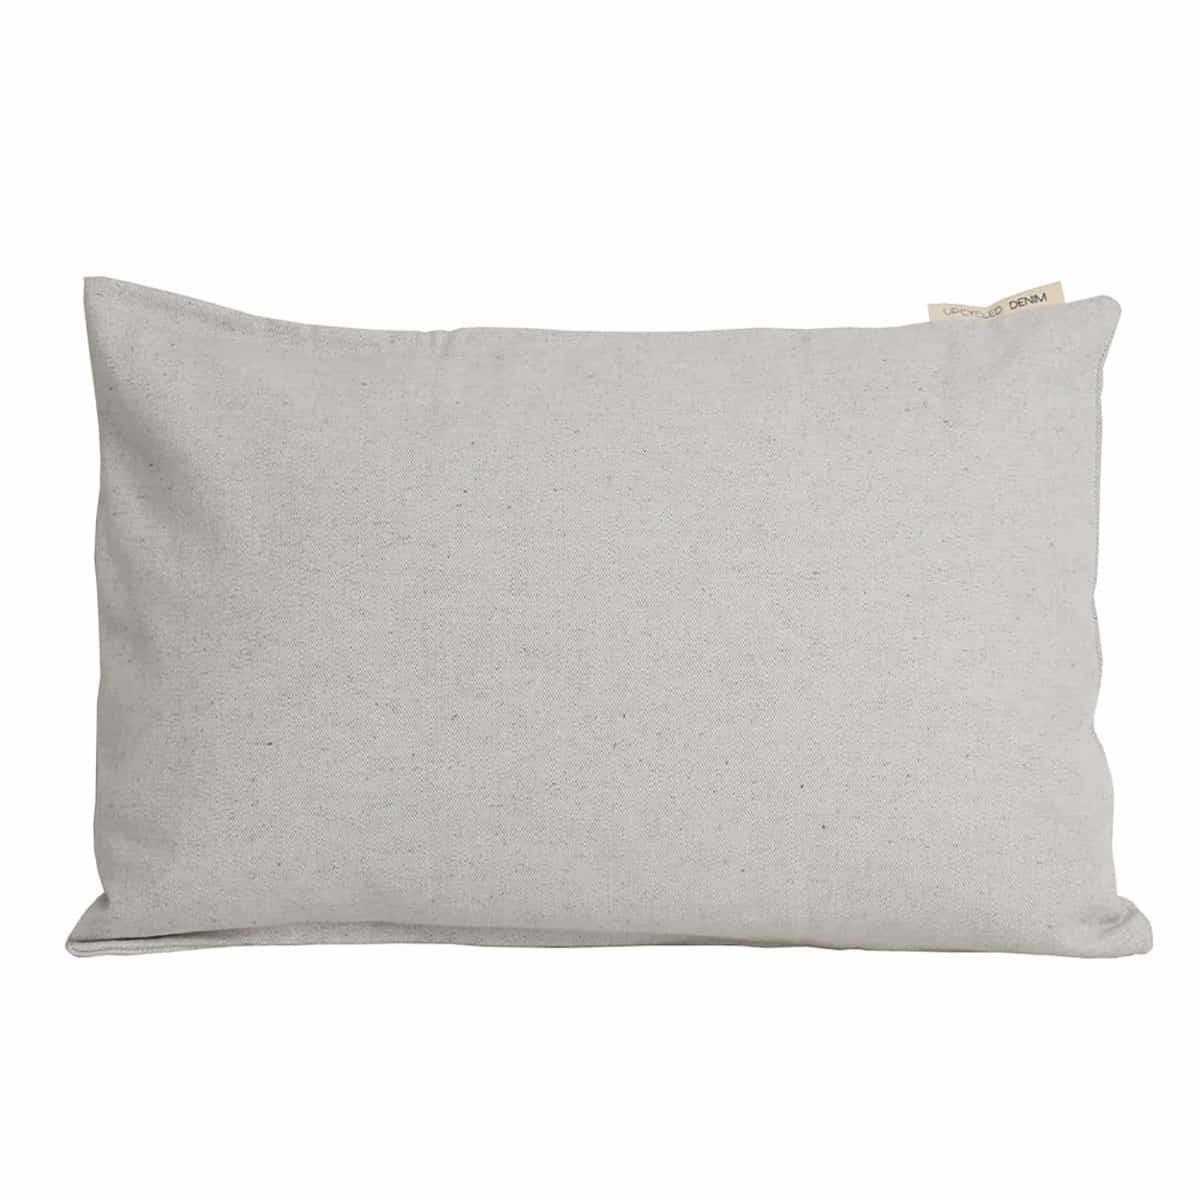 cream cushion cover